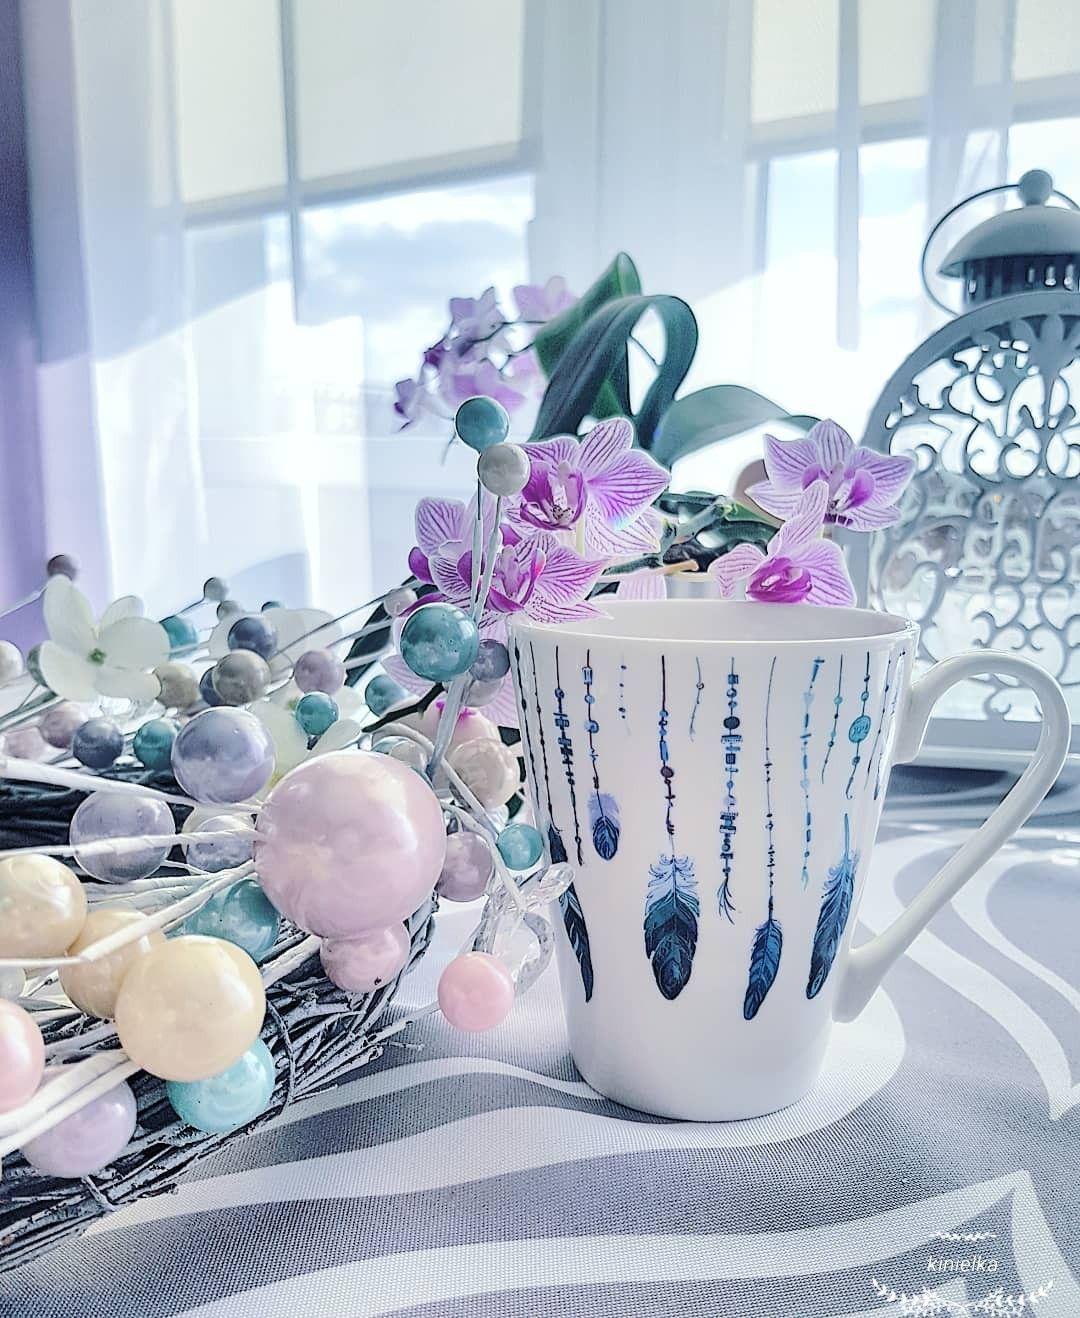 Mug Cup Kubek Easter Ikea Decoration Easter Decorations Blue Easter Decorations Decor Interior Decorating